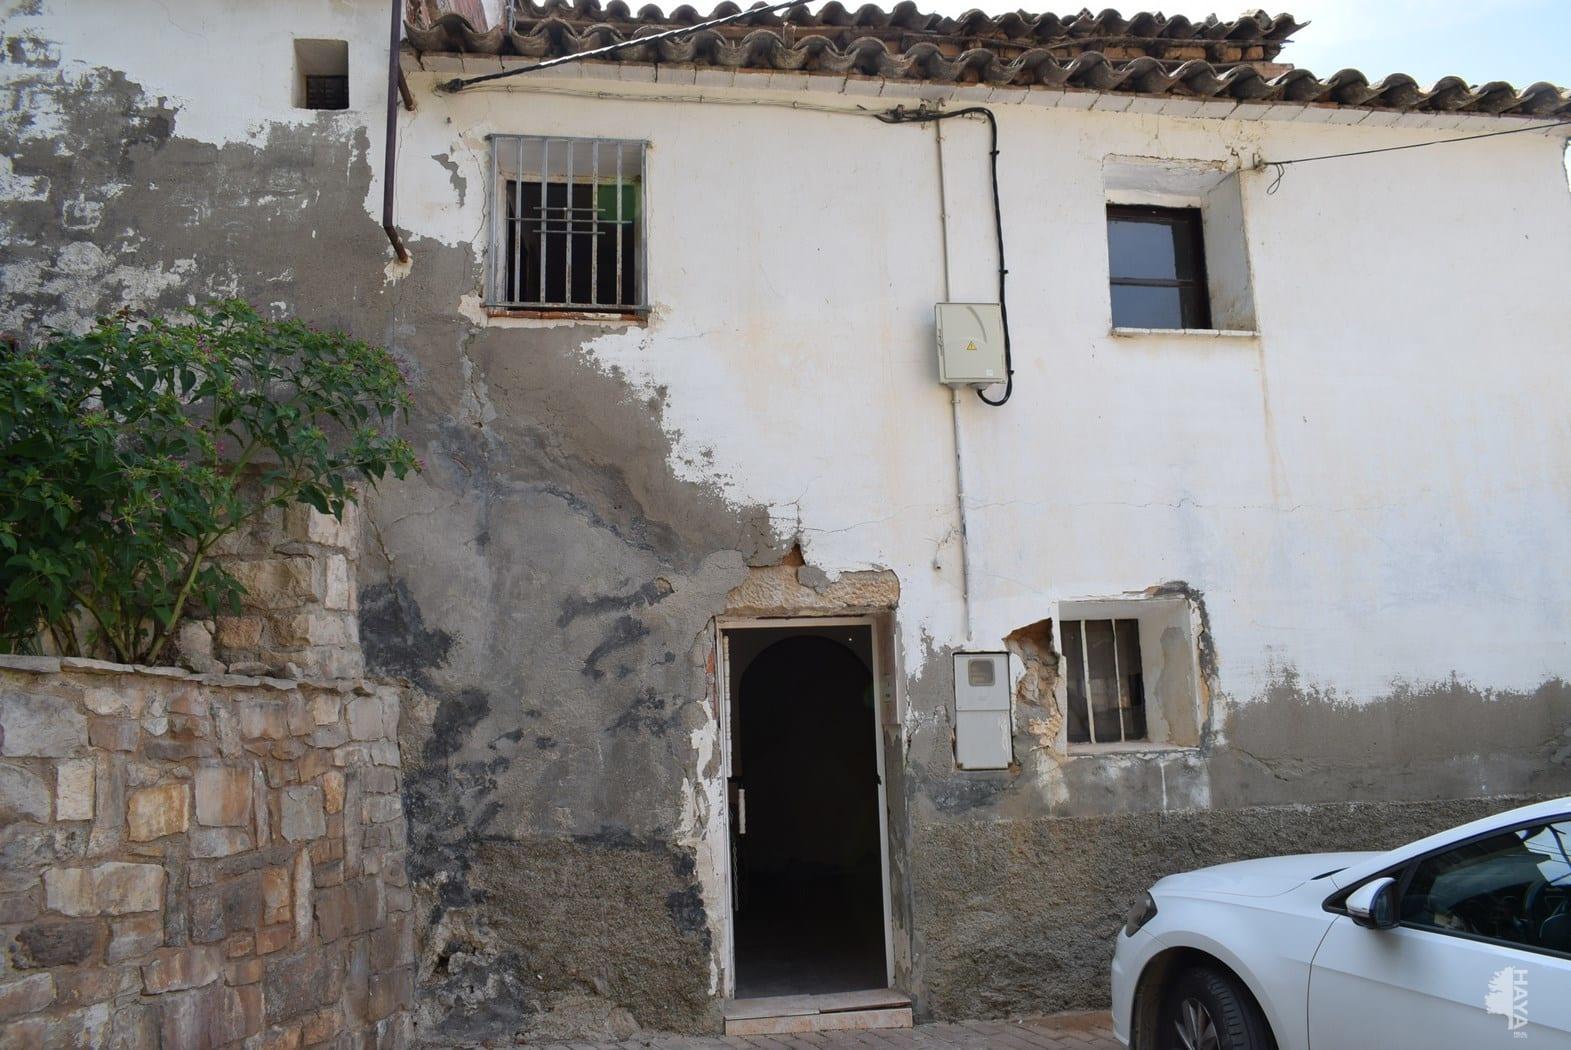 Casa en venta en Fraga, Huesca, Calle Cruces, 22.000 €, 1 habitación, 1 baño, 69 m2